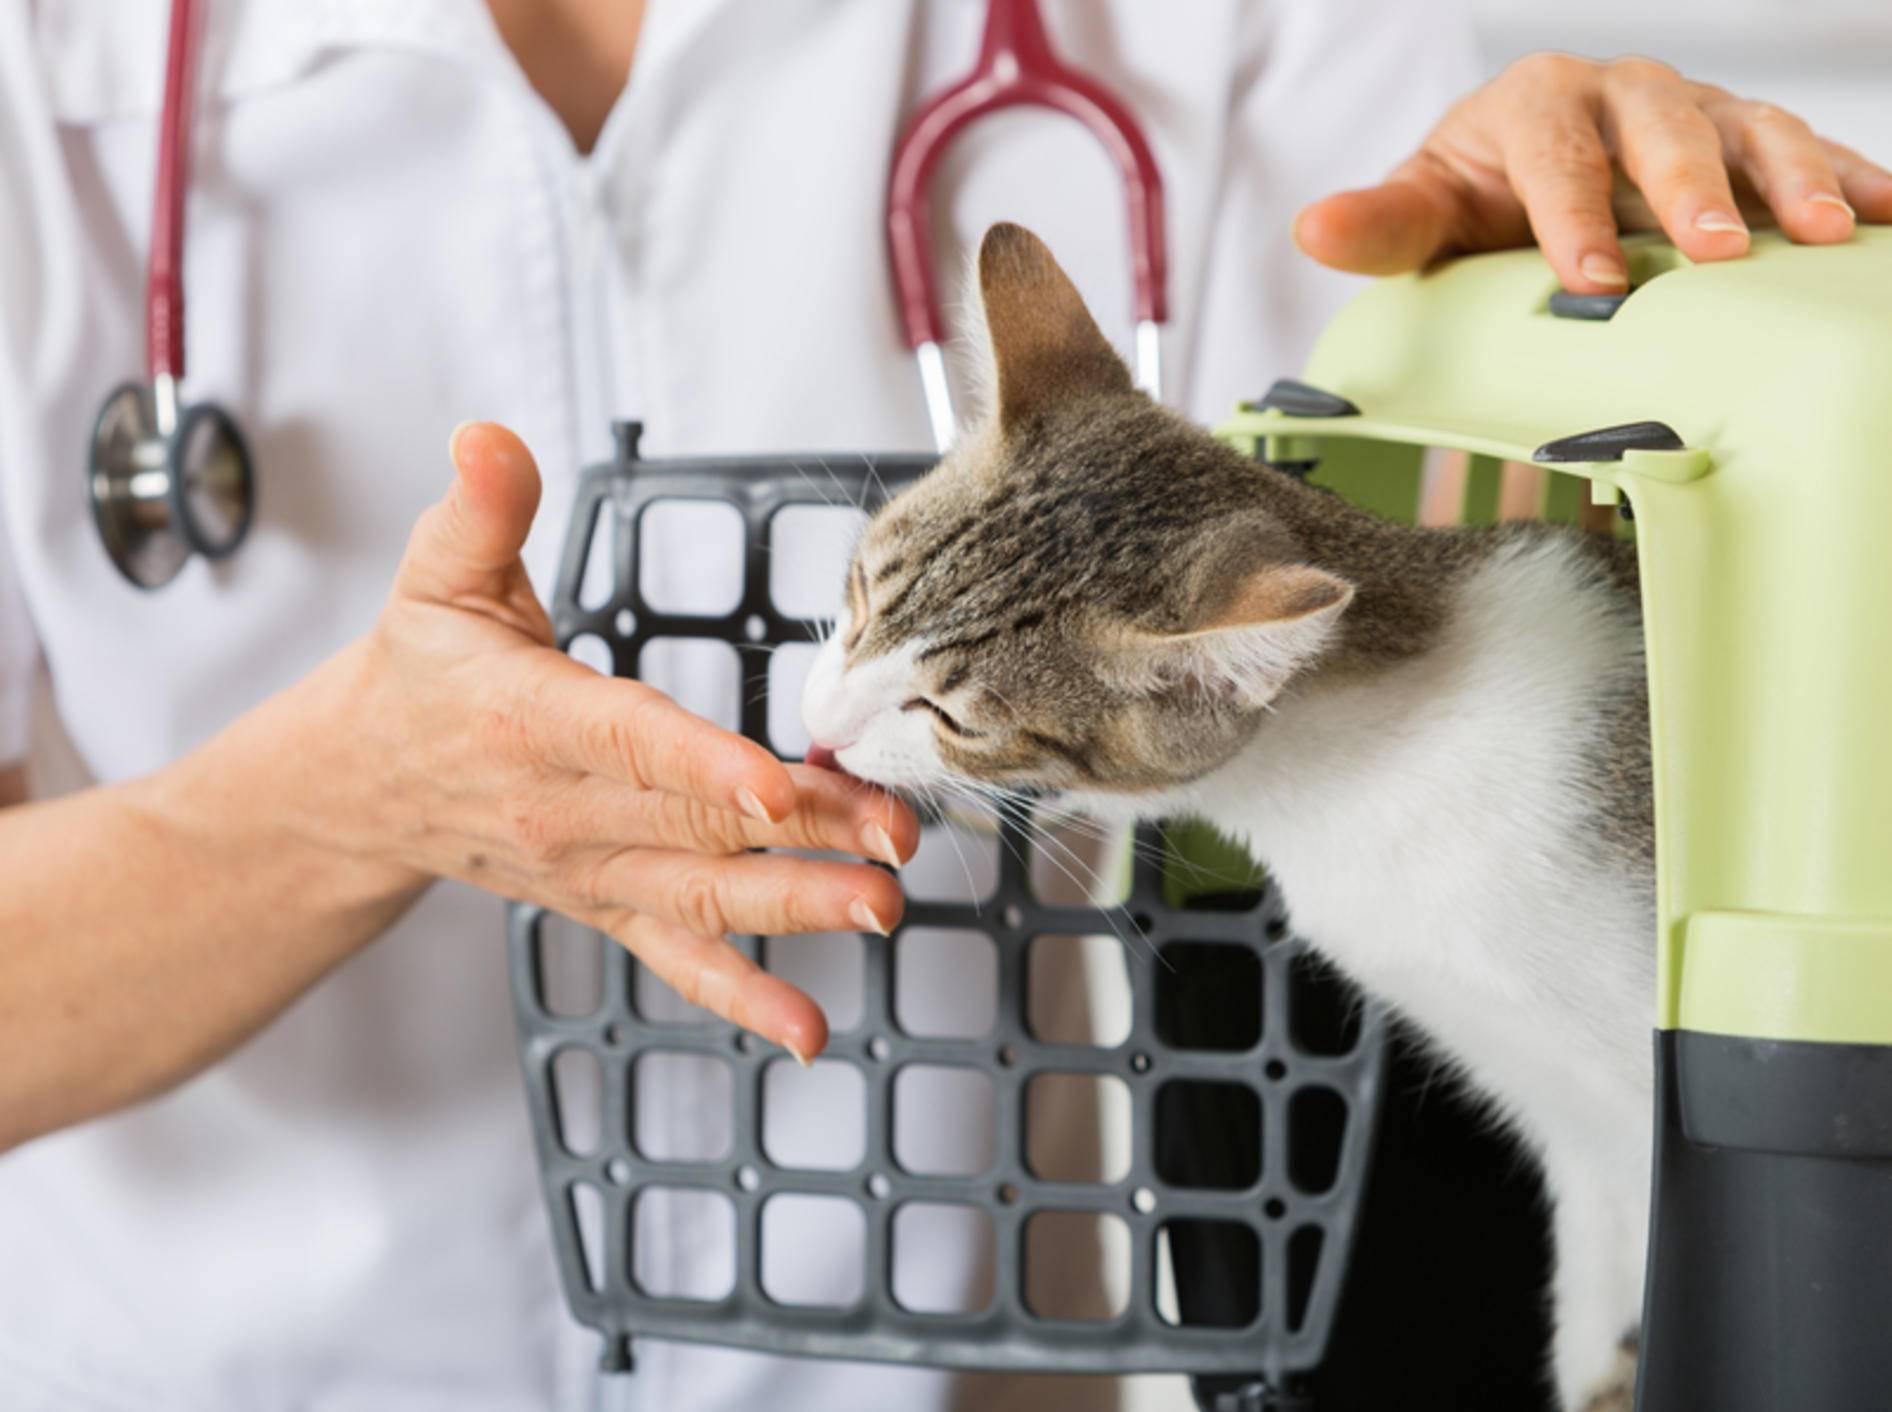 Wird die junge Katze sterilisiert oder kastriert? – Shutterstock / 135pixels